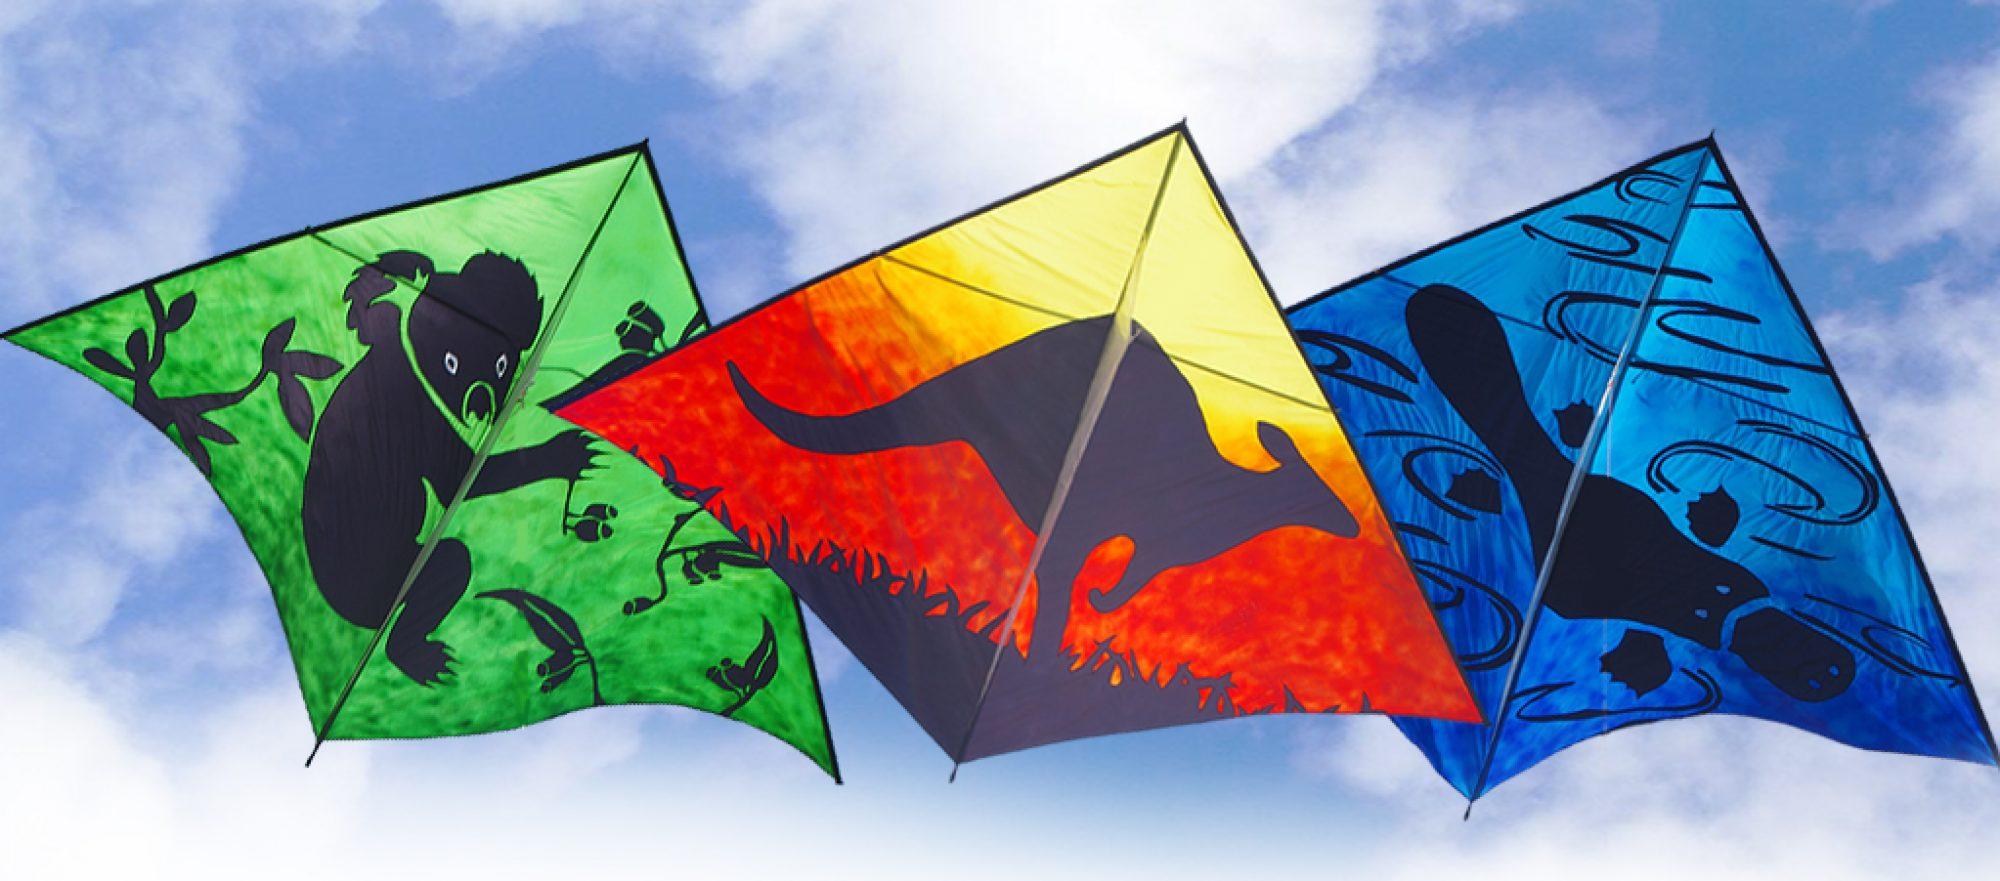 Kites 4 Kids